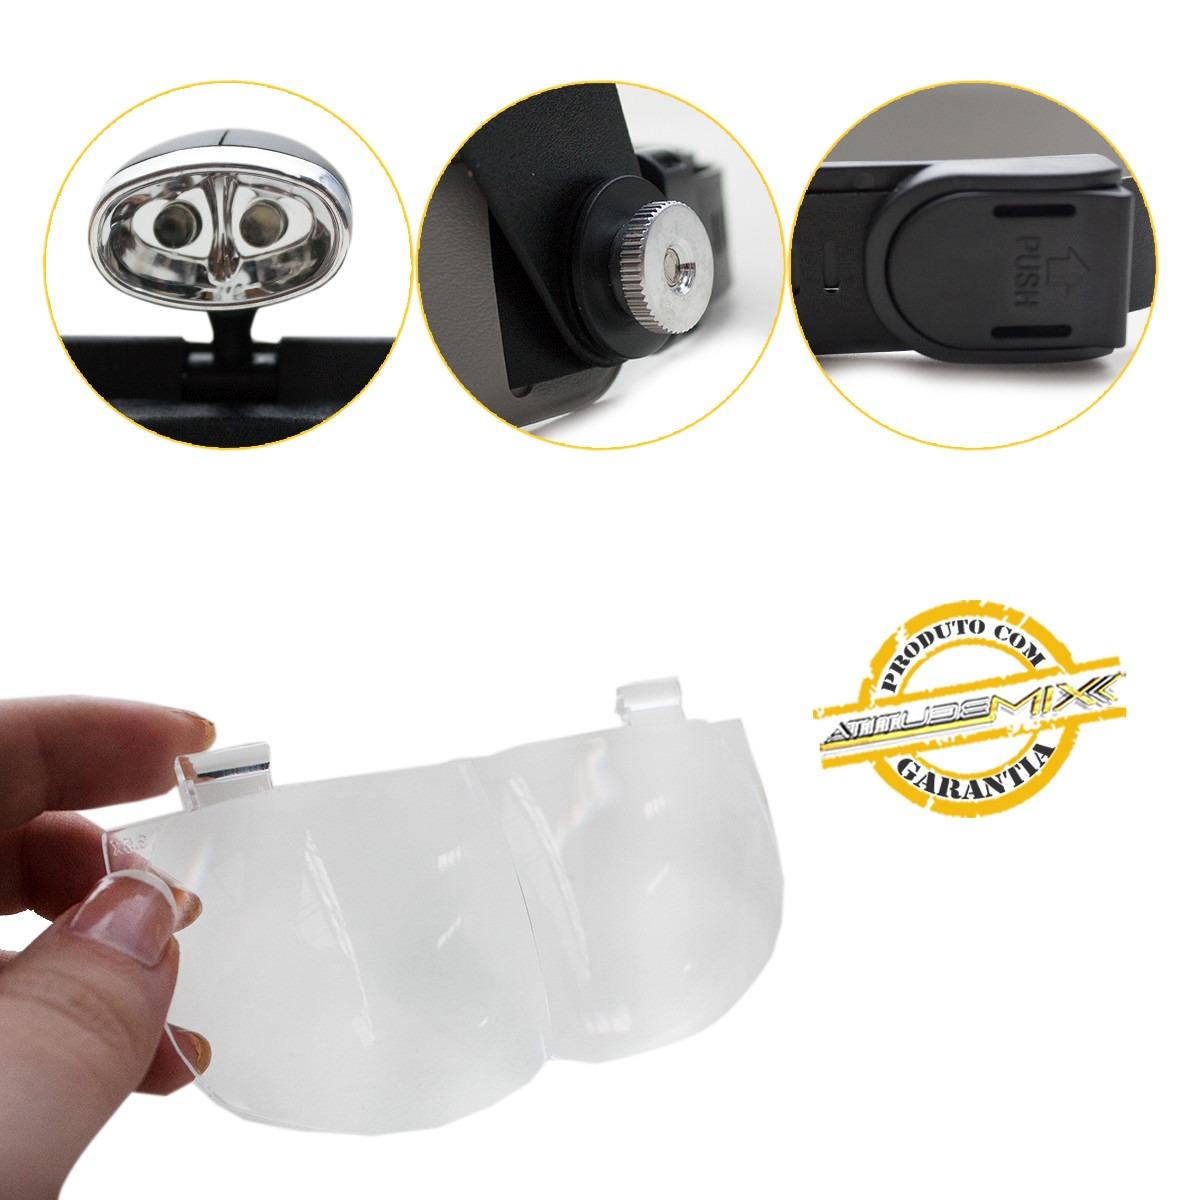 b41b2988c68ab lupa de cabeça viseira led 4 lentes precisão articulável. Carregando zoom.